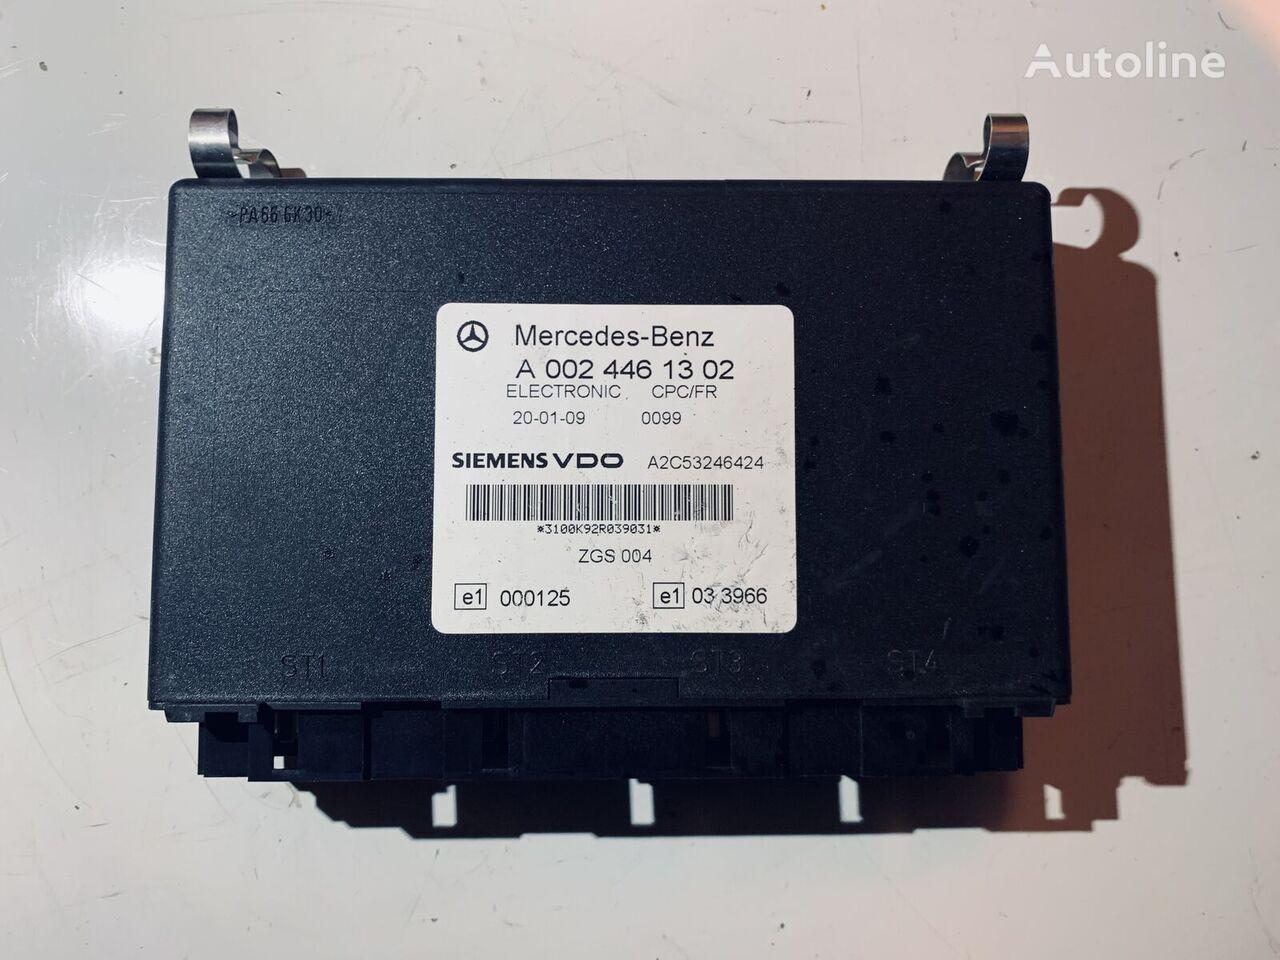 MERCEDES-BENZ (A0024461302) control unit for MERCEDES-BENZ 1824 tractor unit